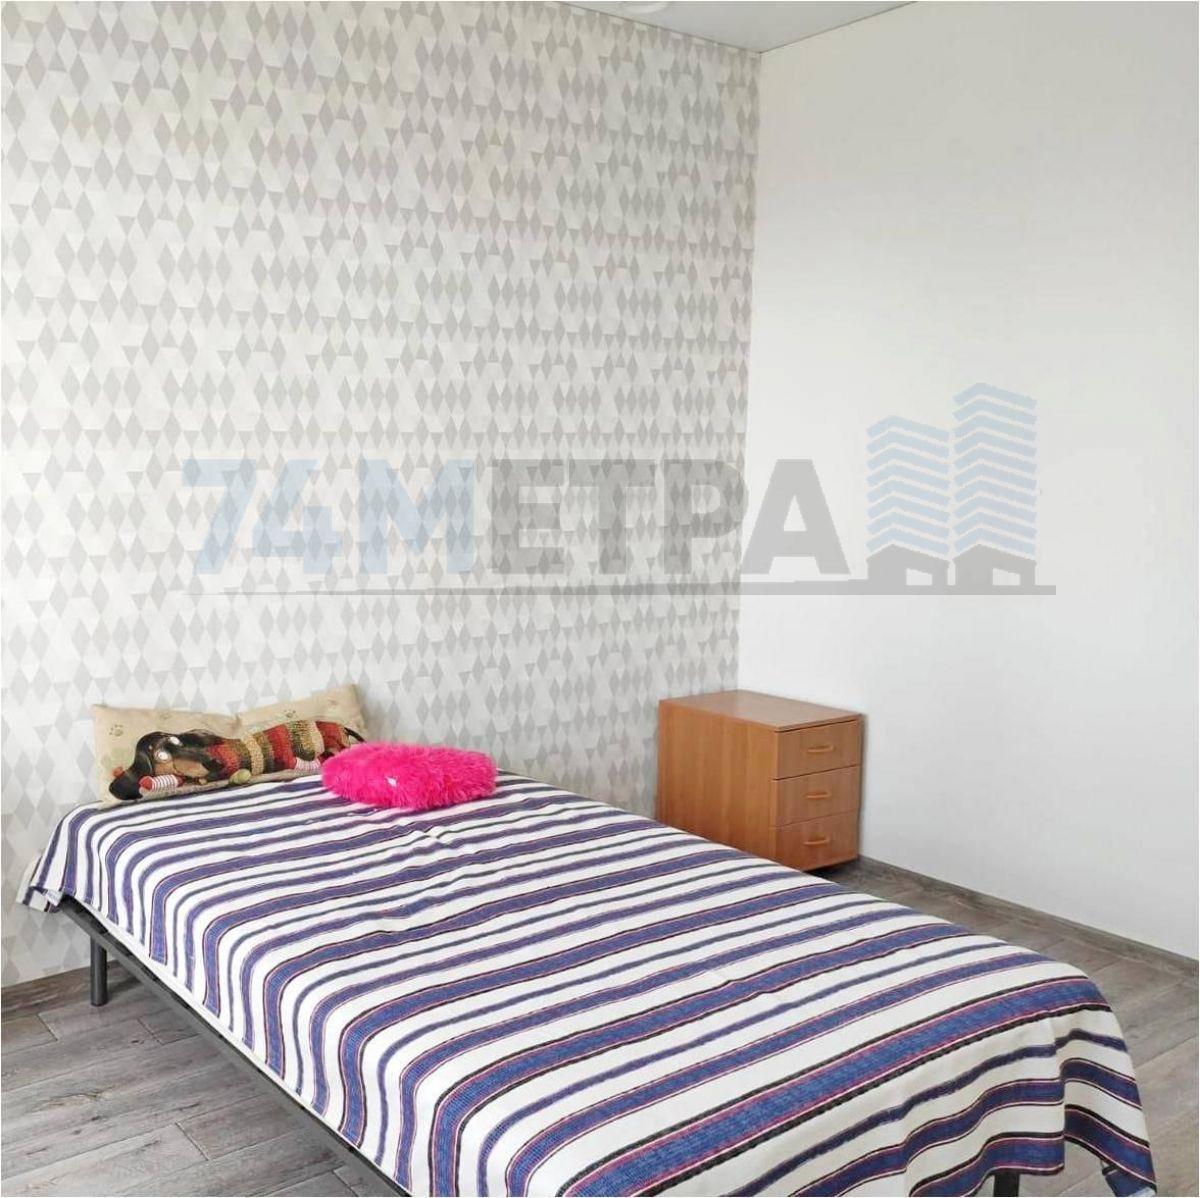 36 000 ₽, 2 - комнатная квартира, площадь 78 м², этаж 17/18